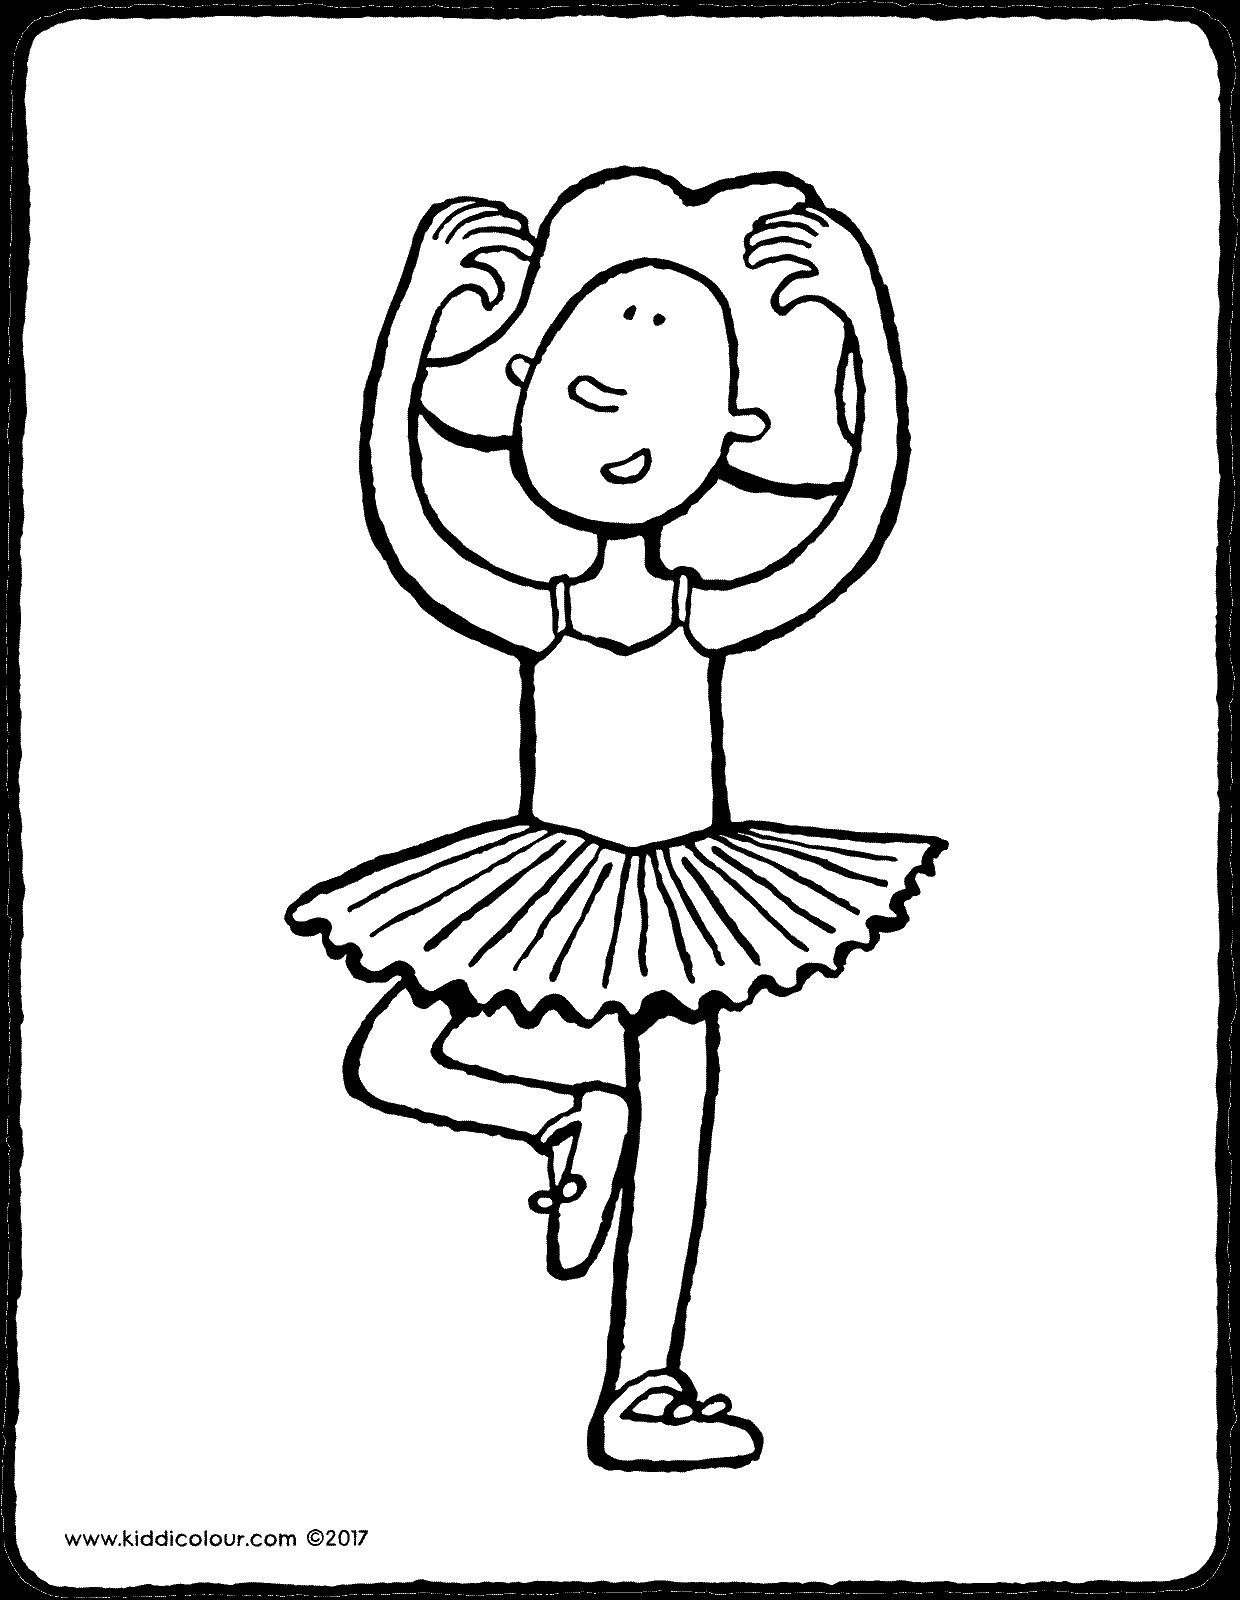 Meine Freundin Conni Ausmalbilder Frisch Emma Tanzt Ballet Kiddimalseite Best Ballett Ausmalbilder Galerie